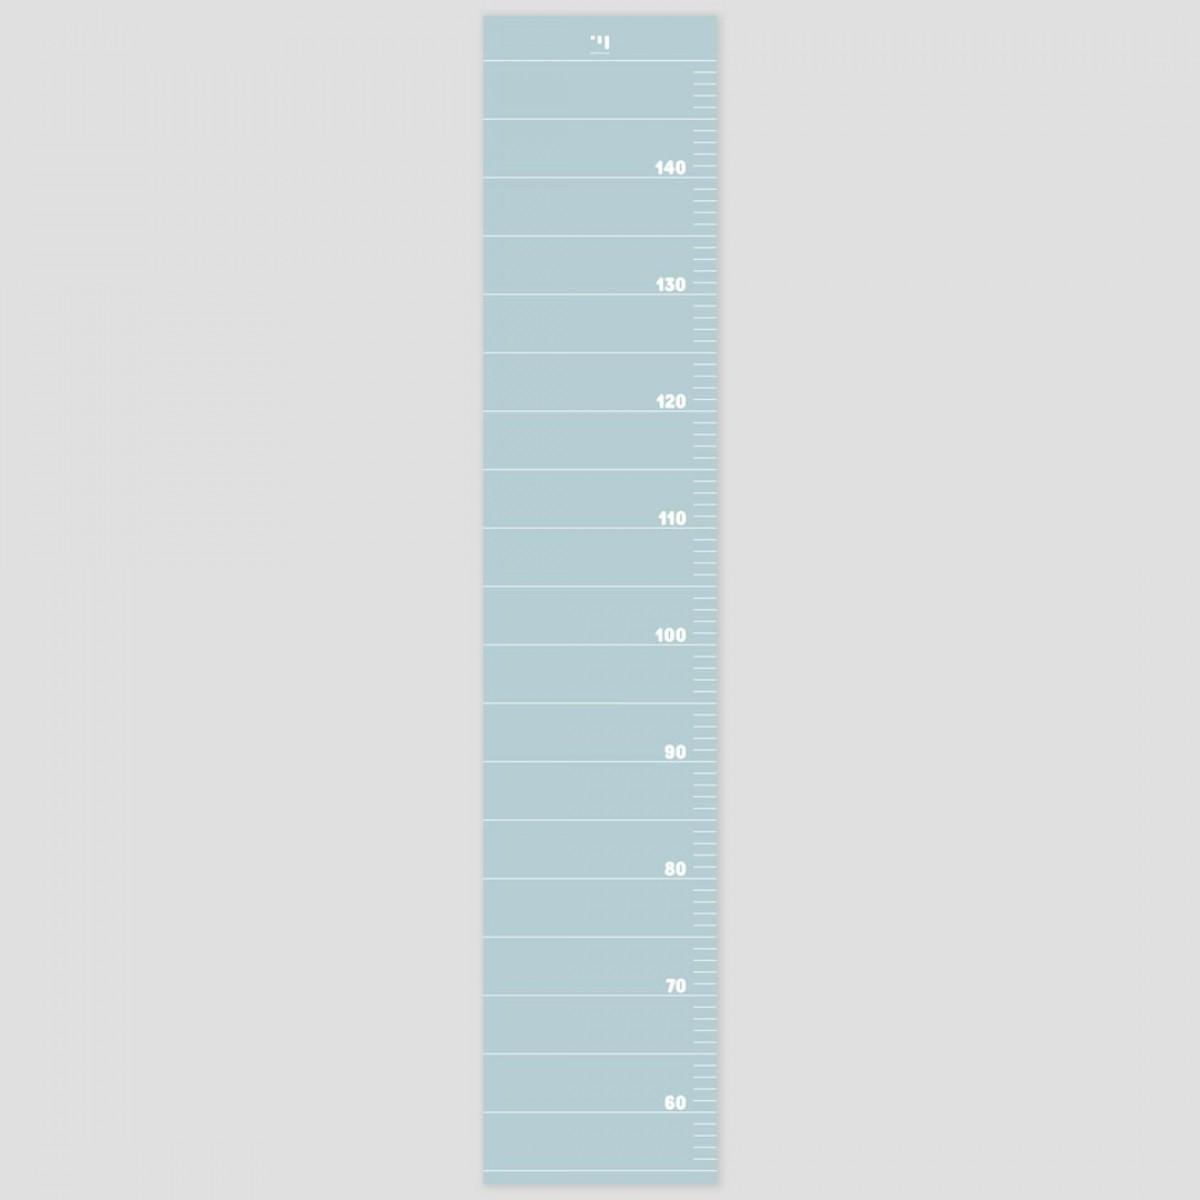 punktkommastrich - Messlatte für Kinder - starlight blue